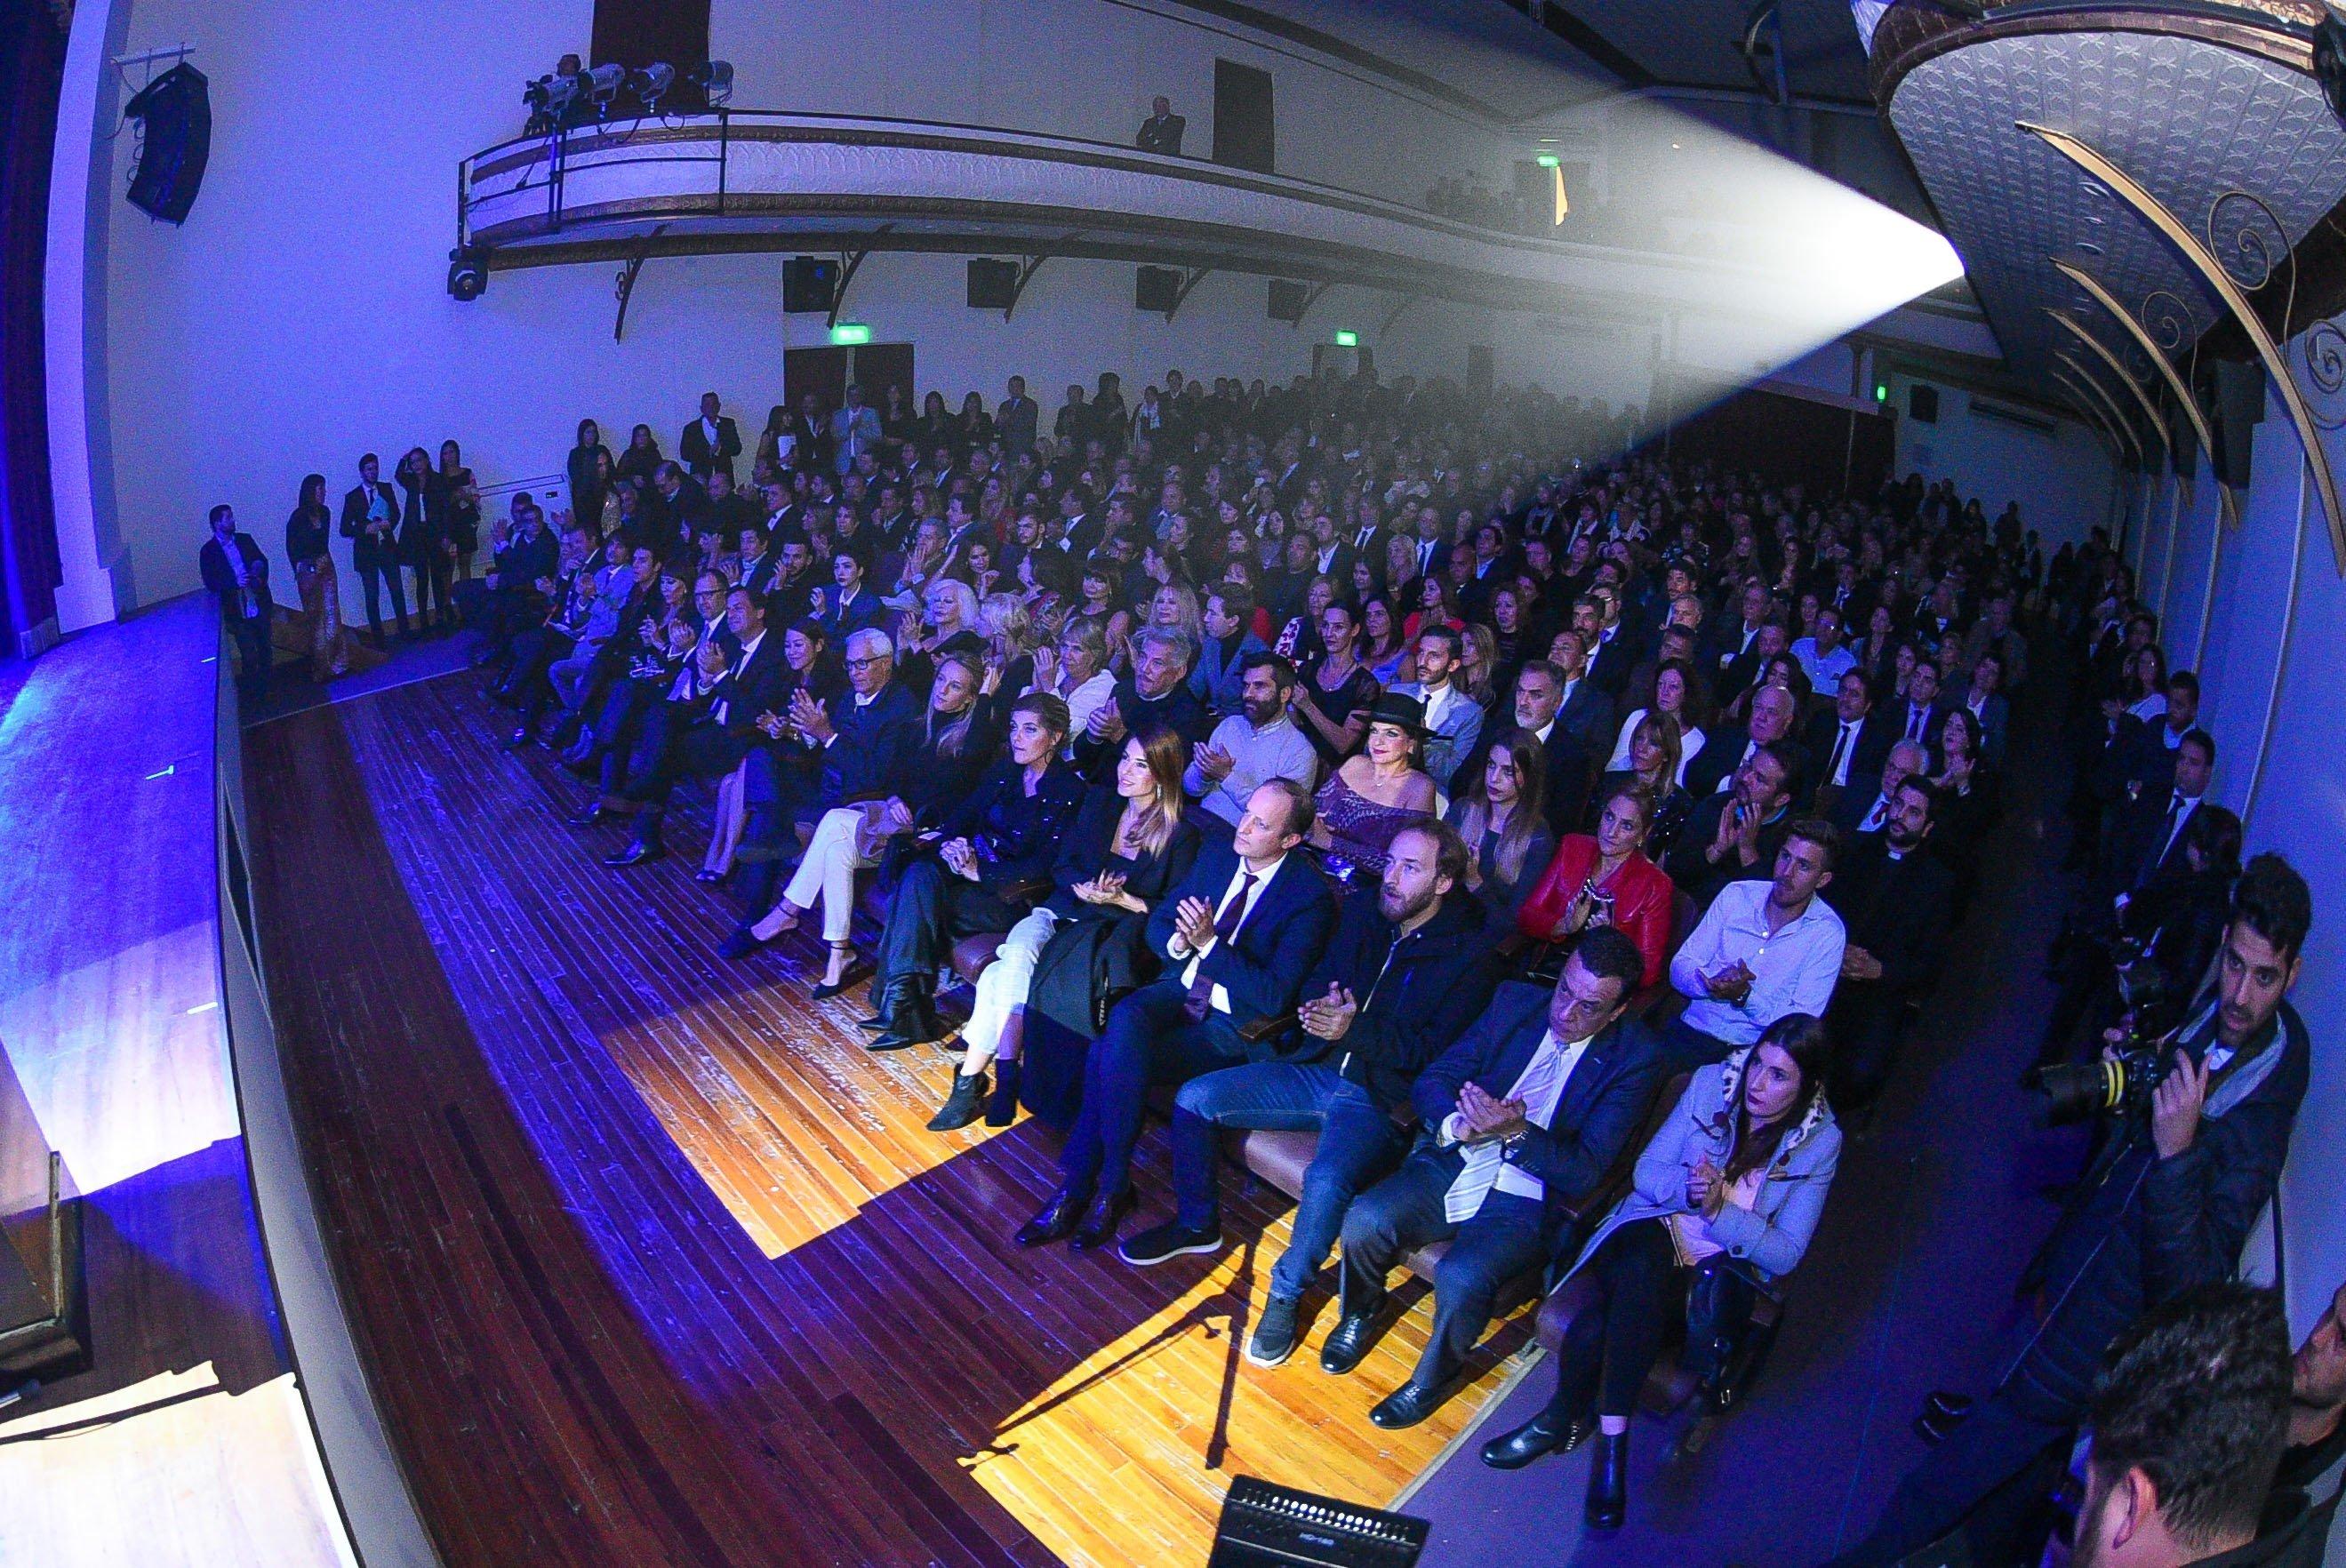 teatro-seminari-24